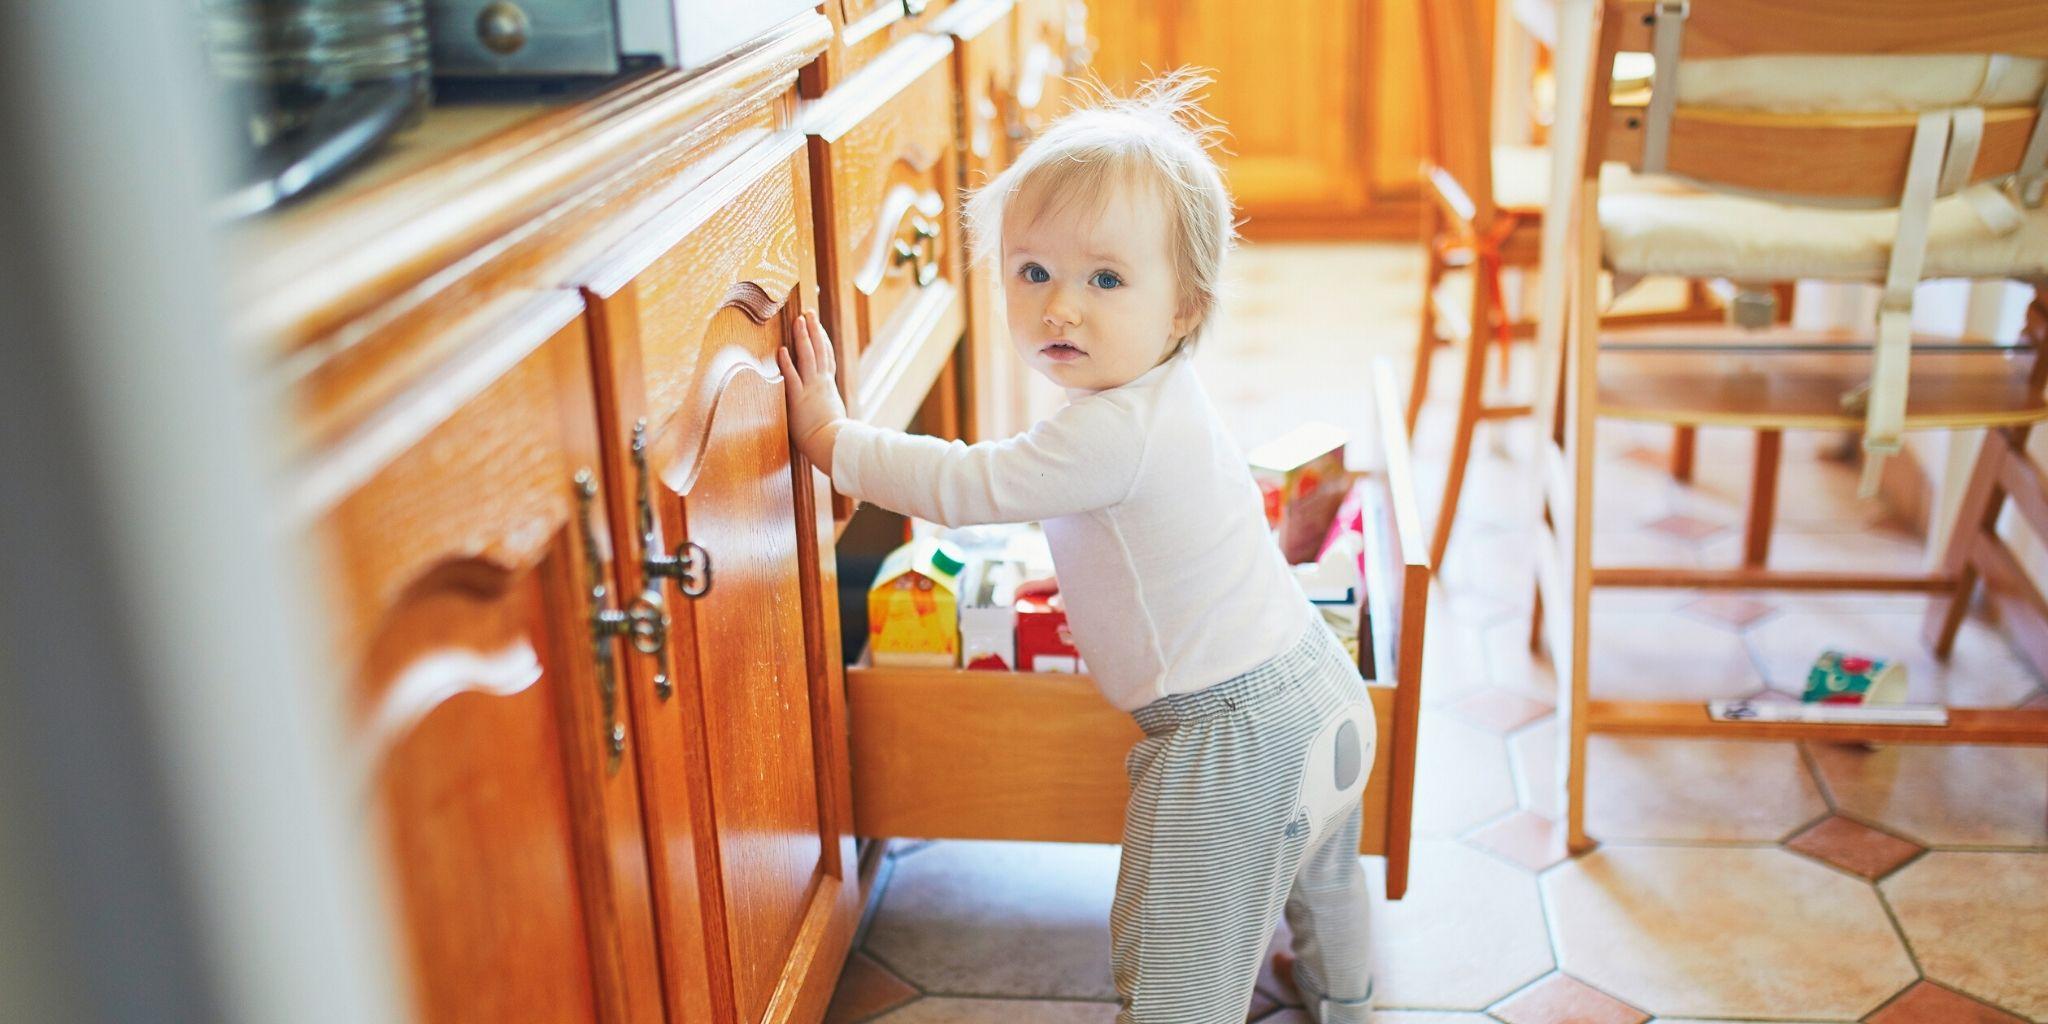 집안 아이 안전 체크리스트: 아이를 안전하게 보호하는 법